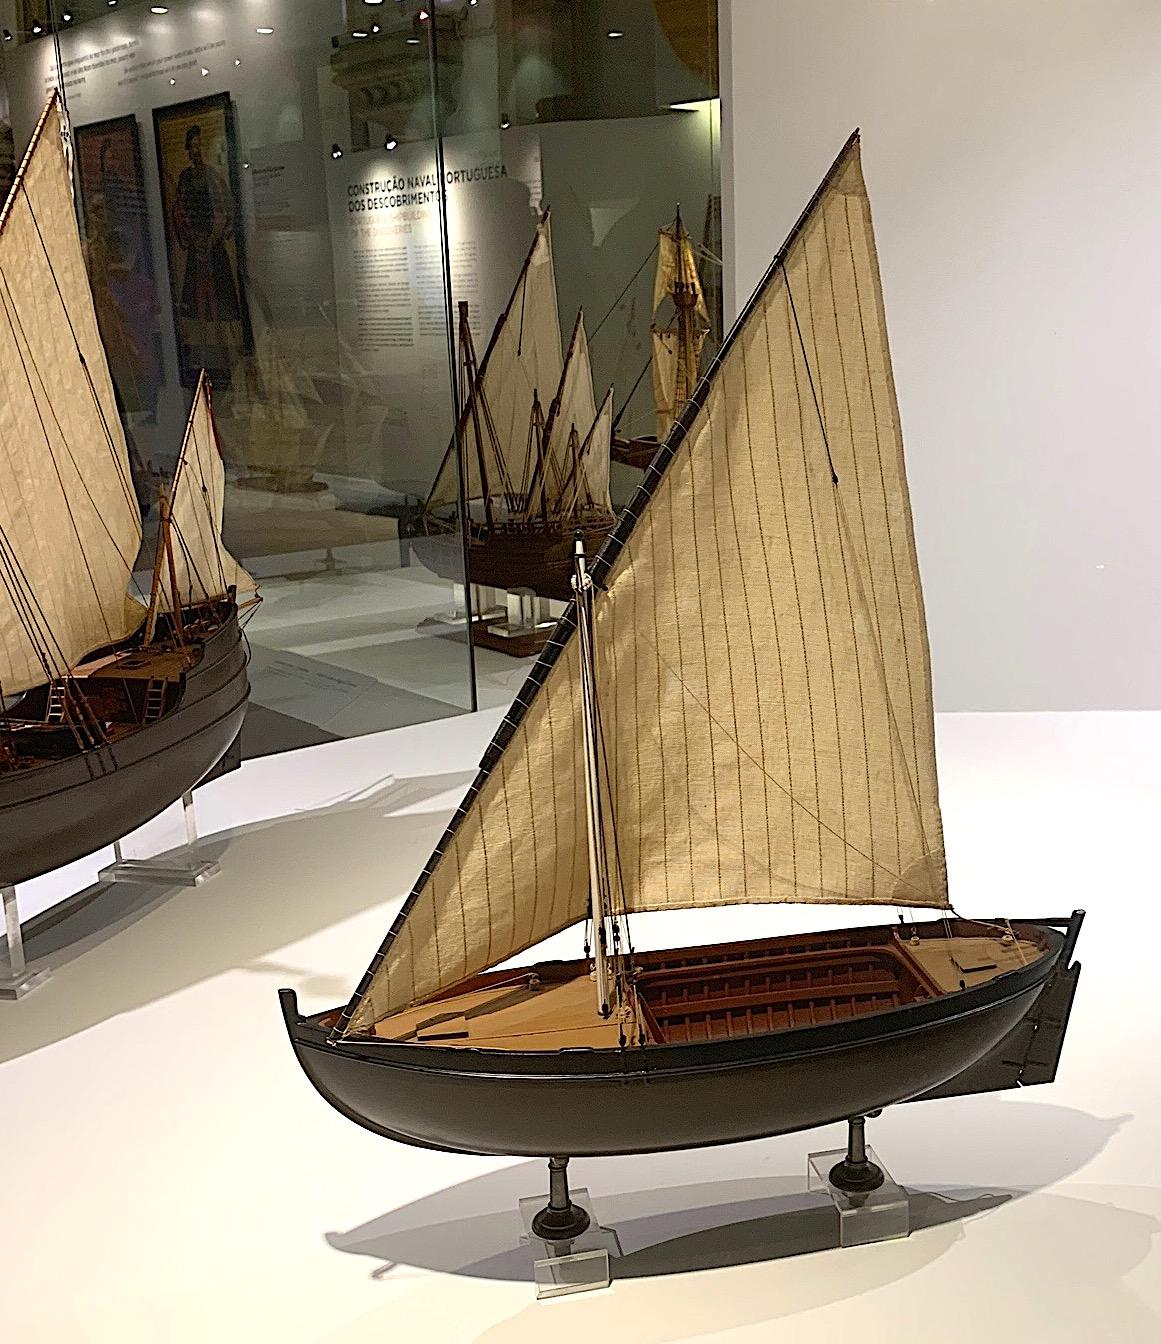 Model ships maritime museum Lisbon.jpg